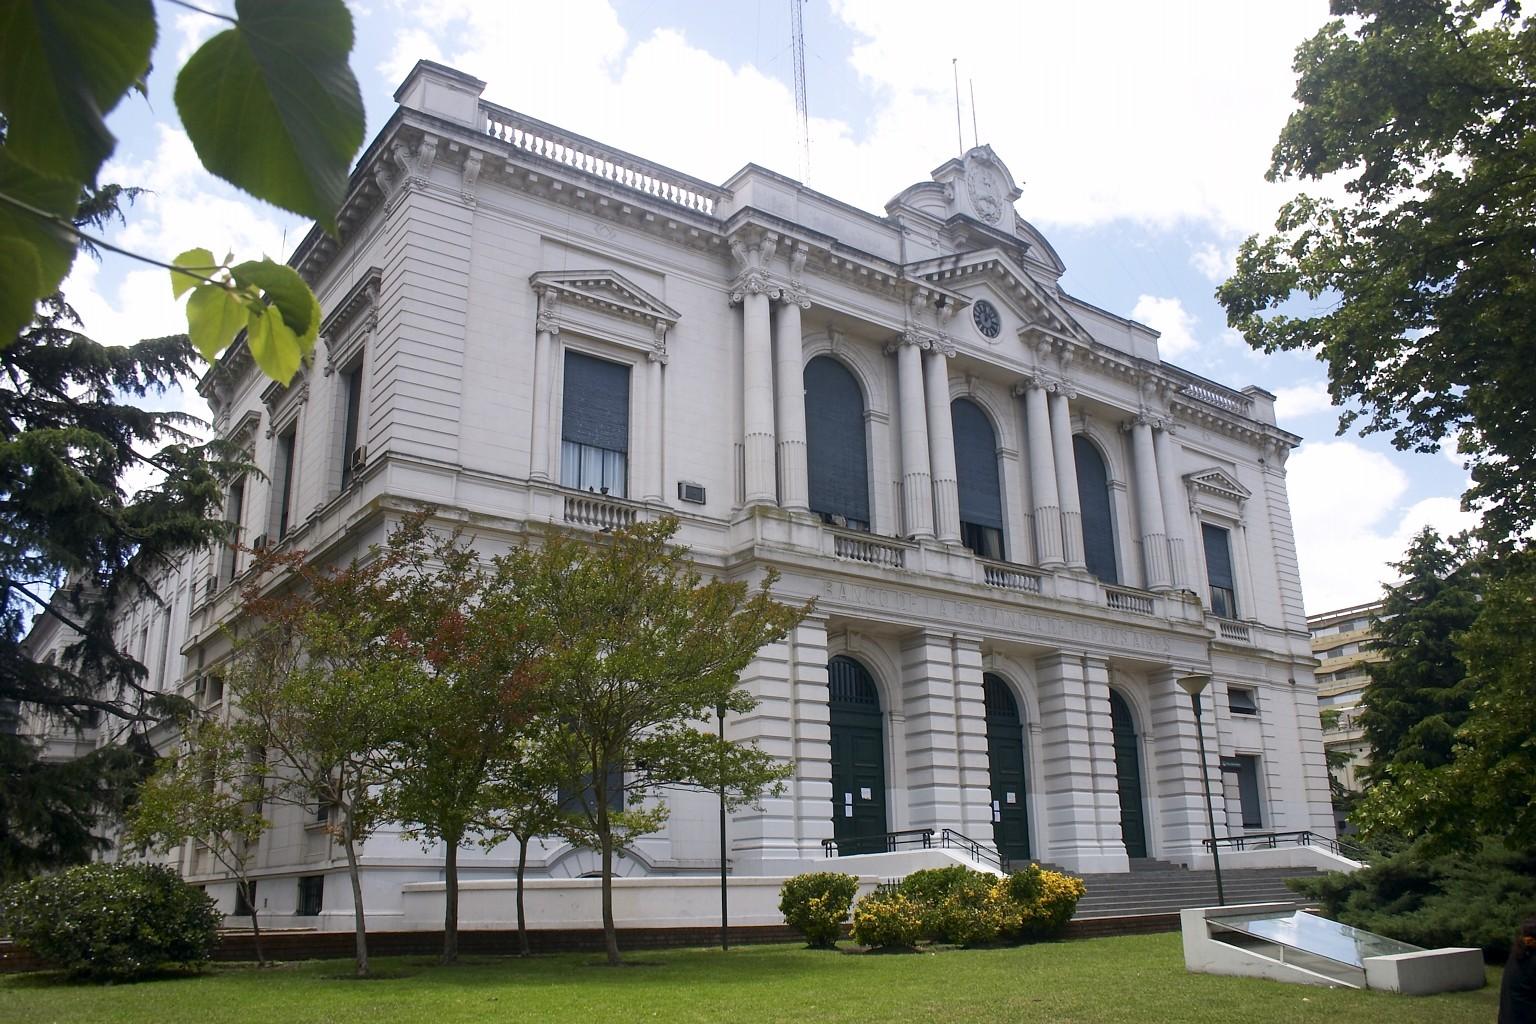 Banco de la provincia de buenos aires casa matriz for Casa jardin de la plata